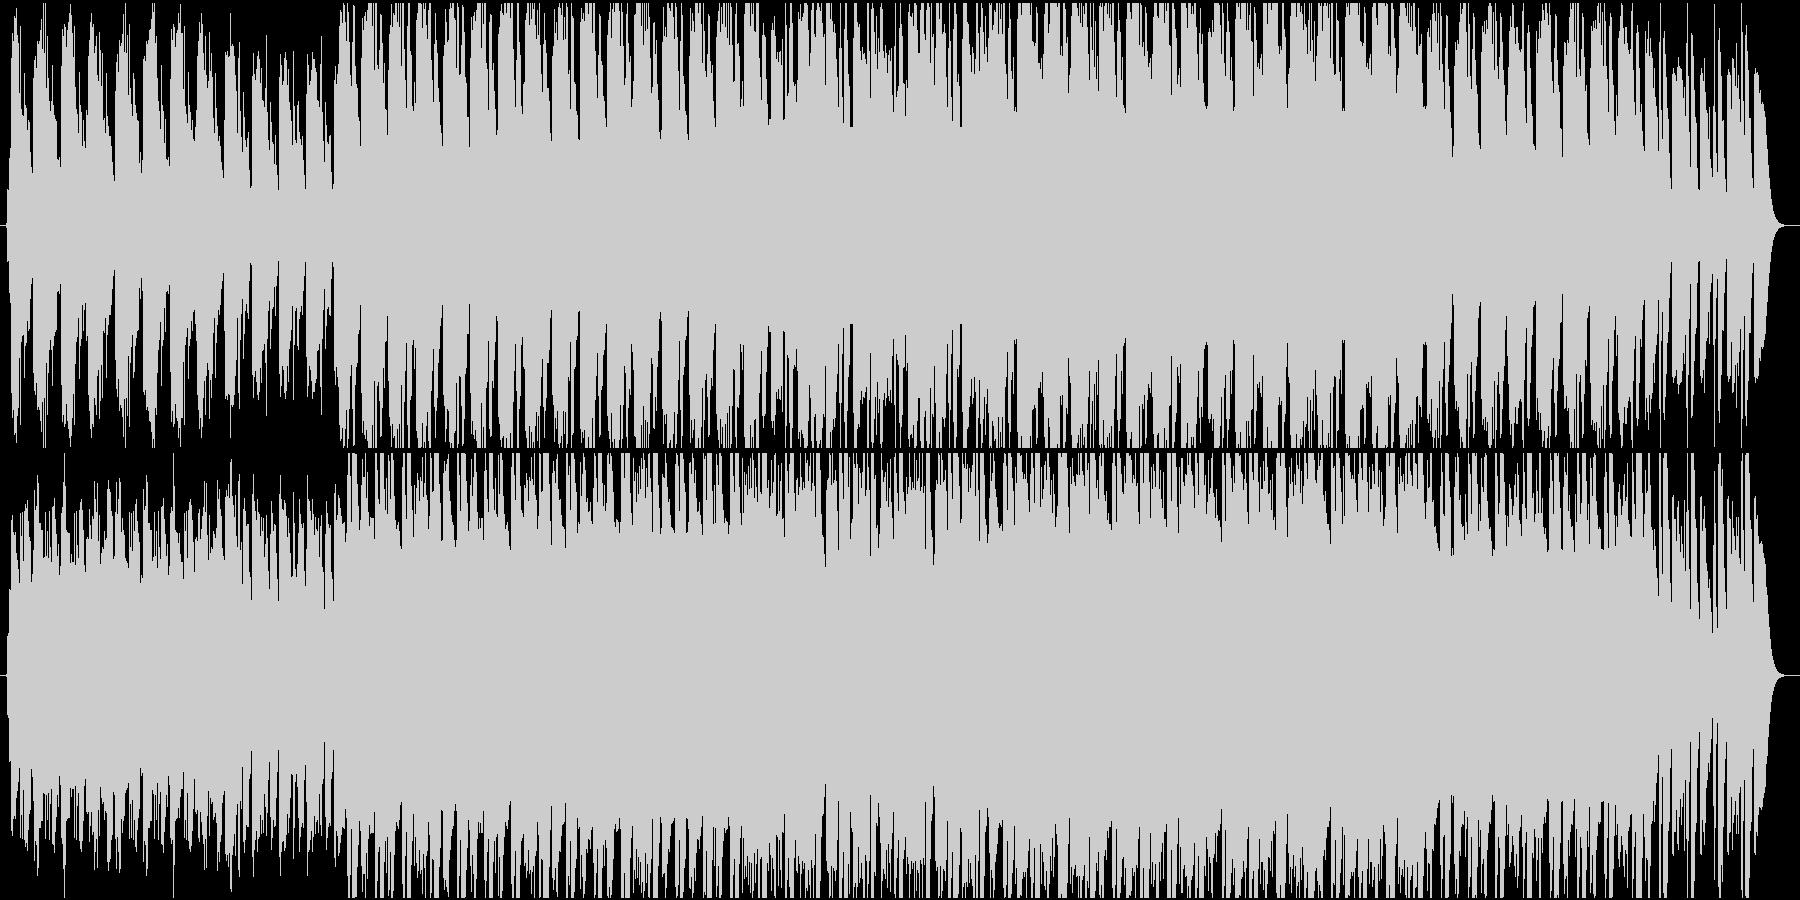 和風で落ち着いた雰囲気のBGMの未再生の波形